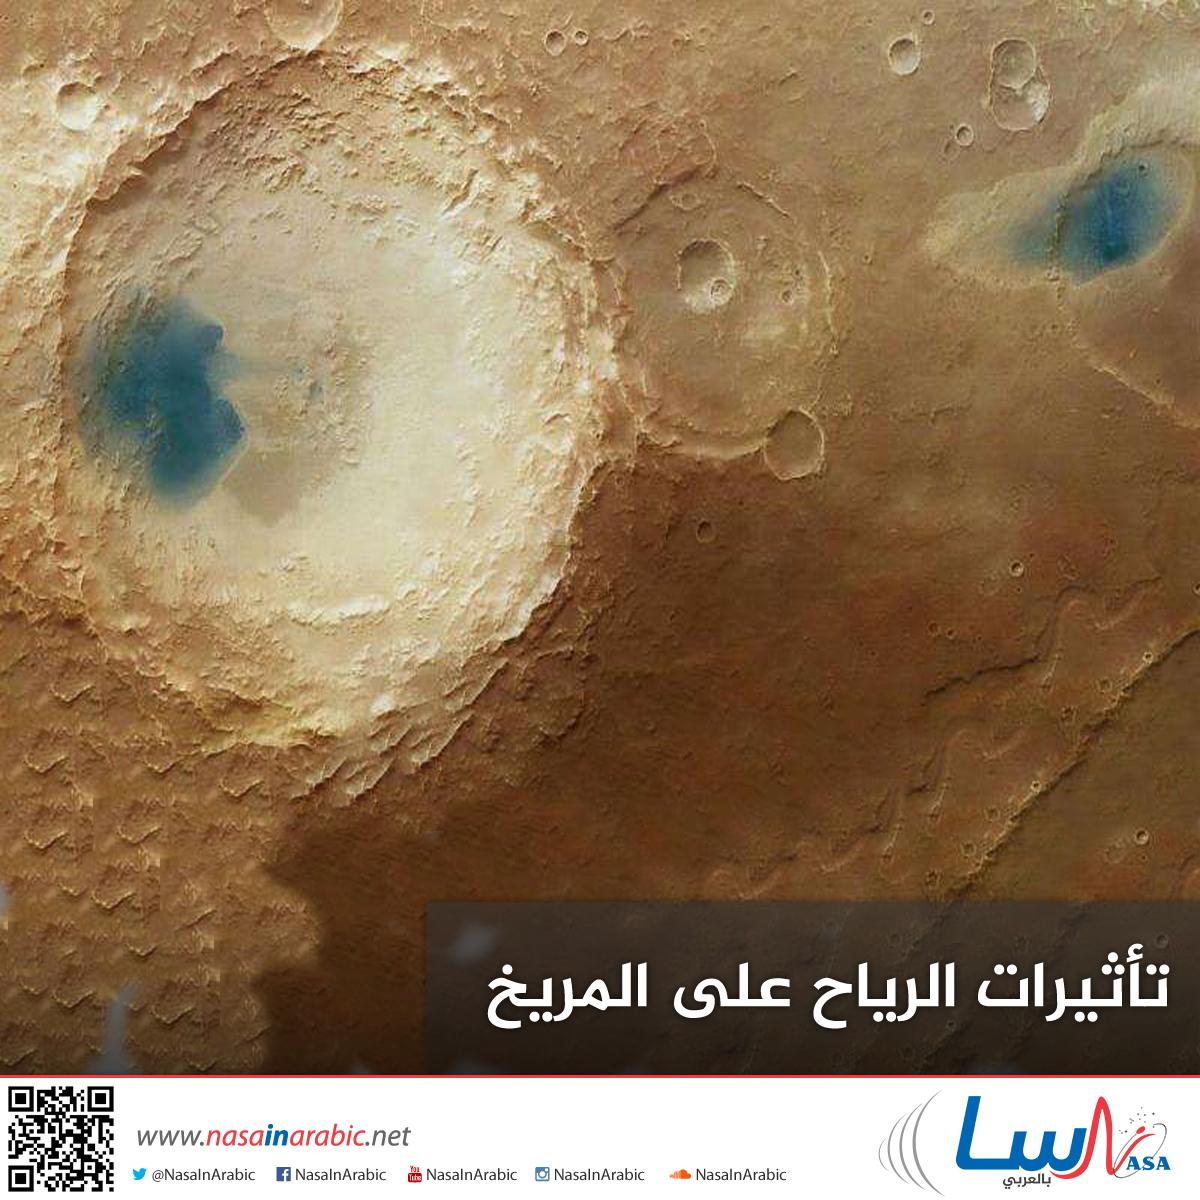 الرّياح وتأثيرها على المرّيخ